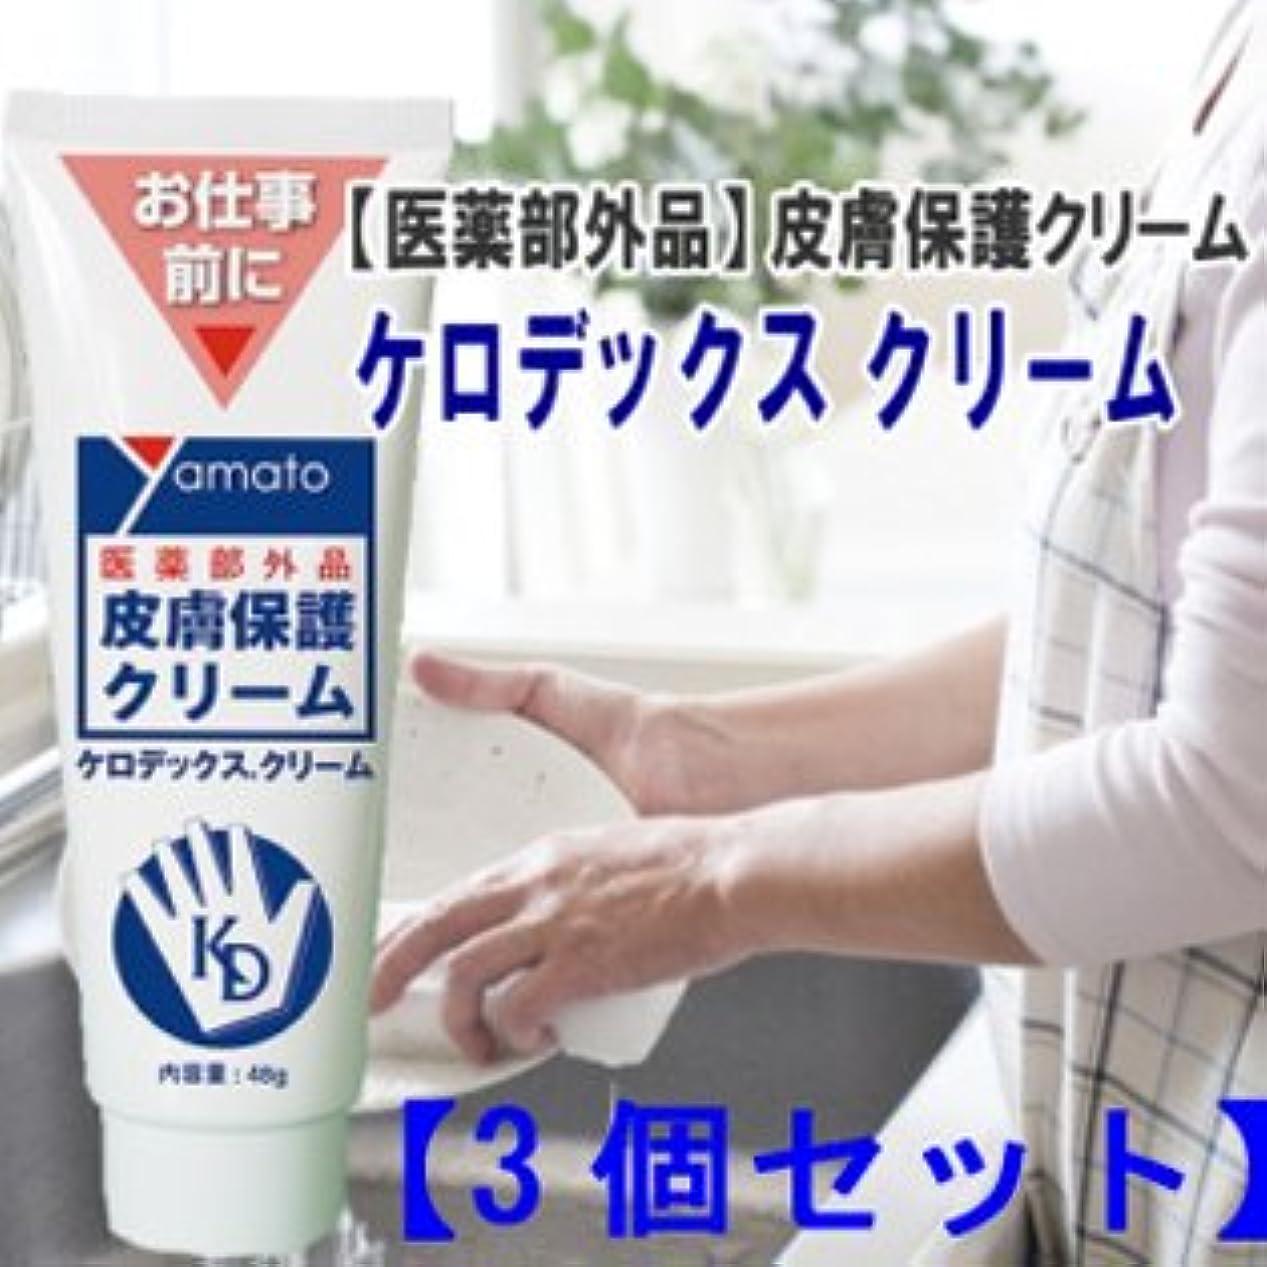 シャーロットブロンテ道を作る不毛の医薬部外品 皮膚保護クリーム ケロデックスクリーム48g 3個セット